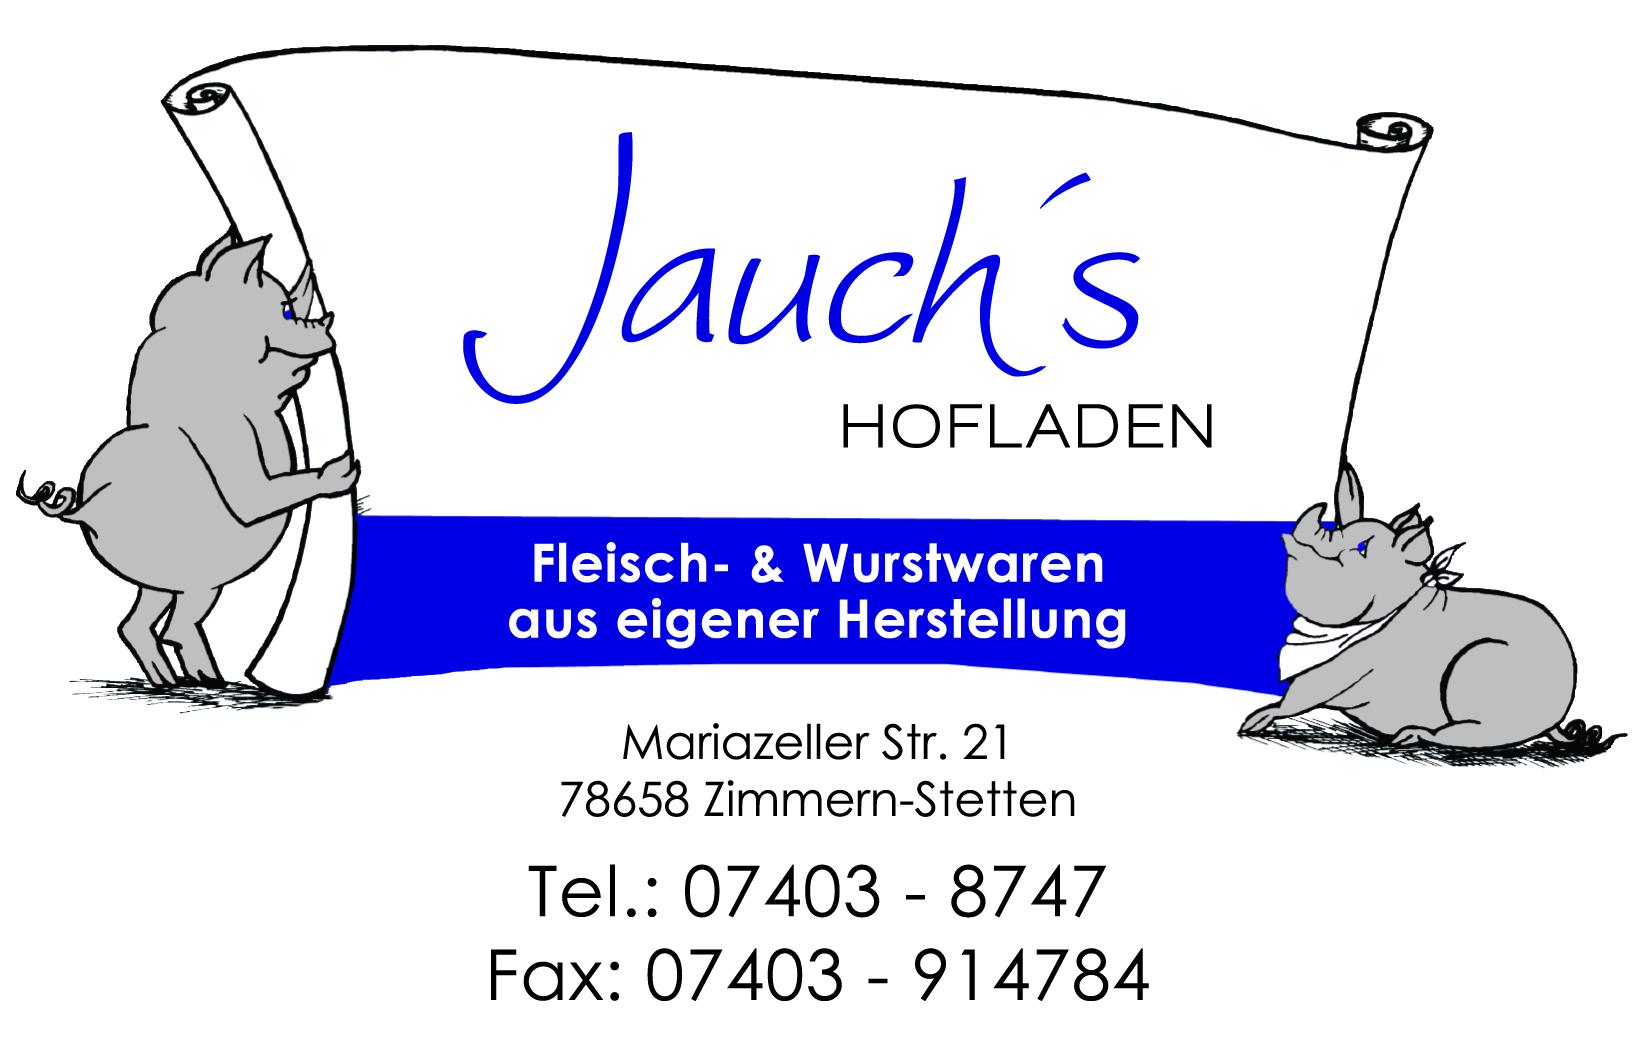 Jauch´s Hofladen GbR Logo